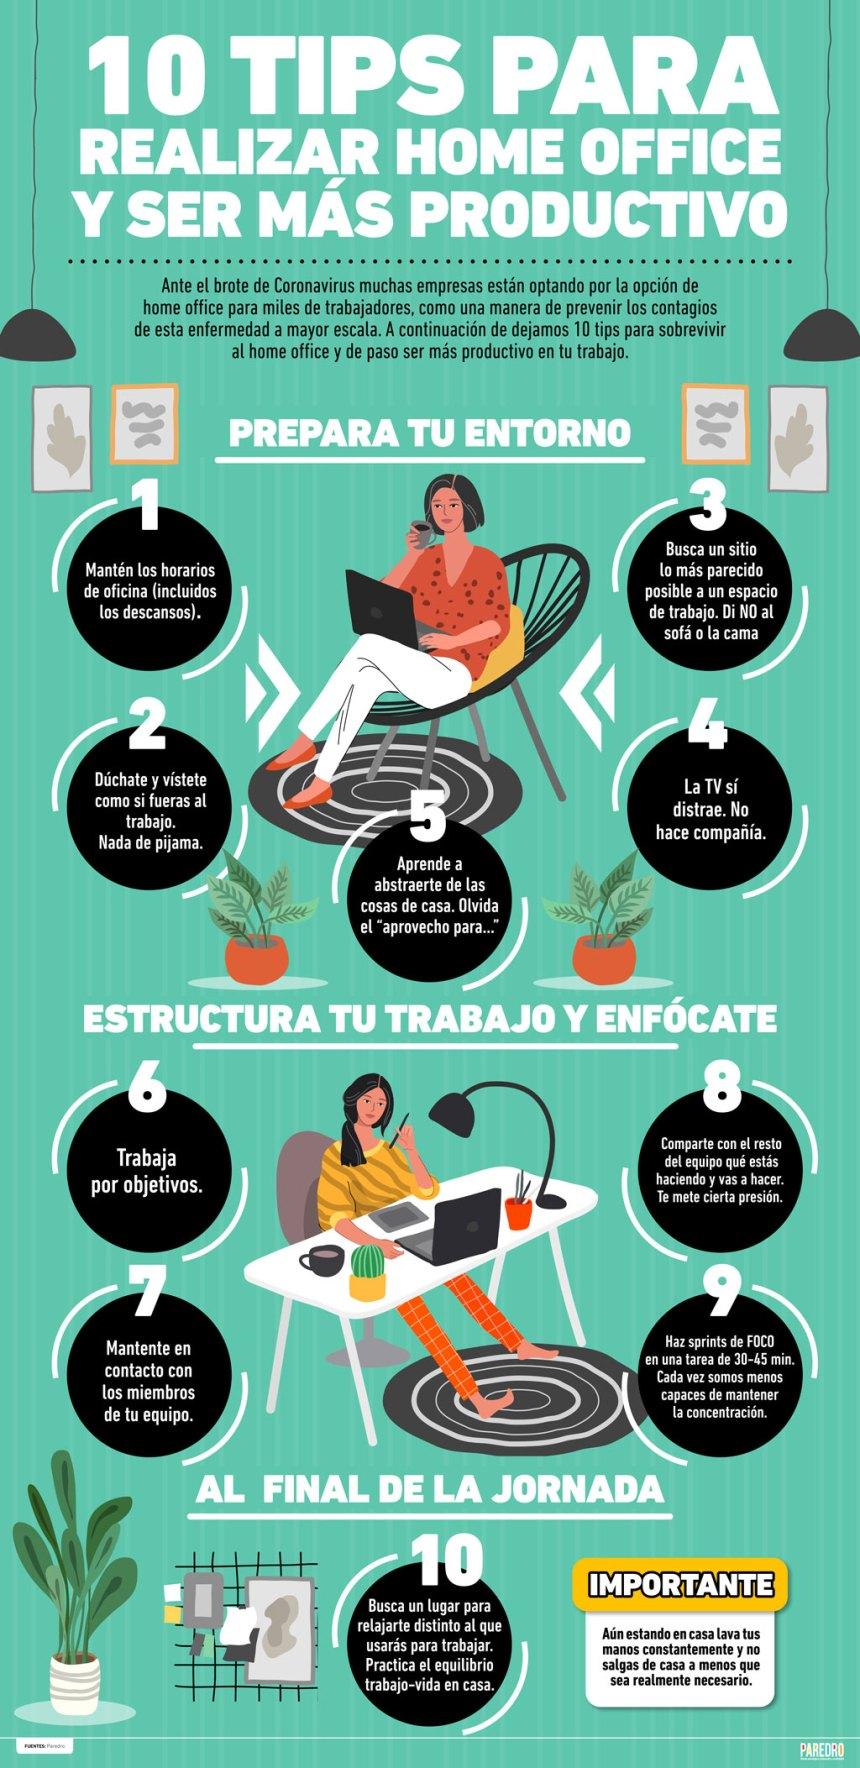 10 consejos sobre teletrabajo y productividad